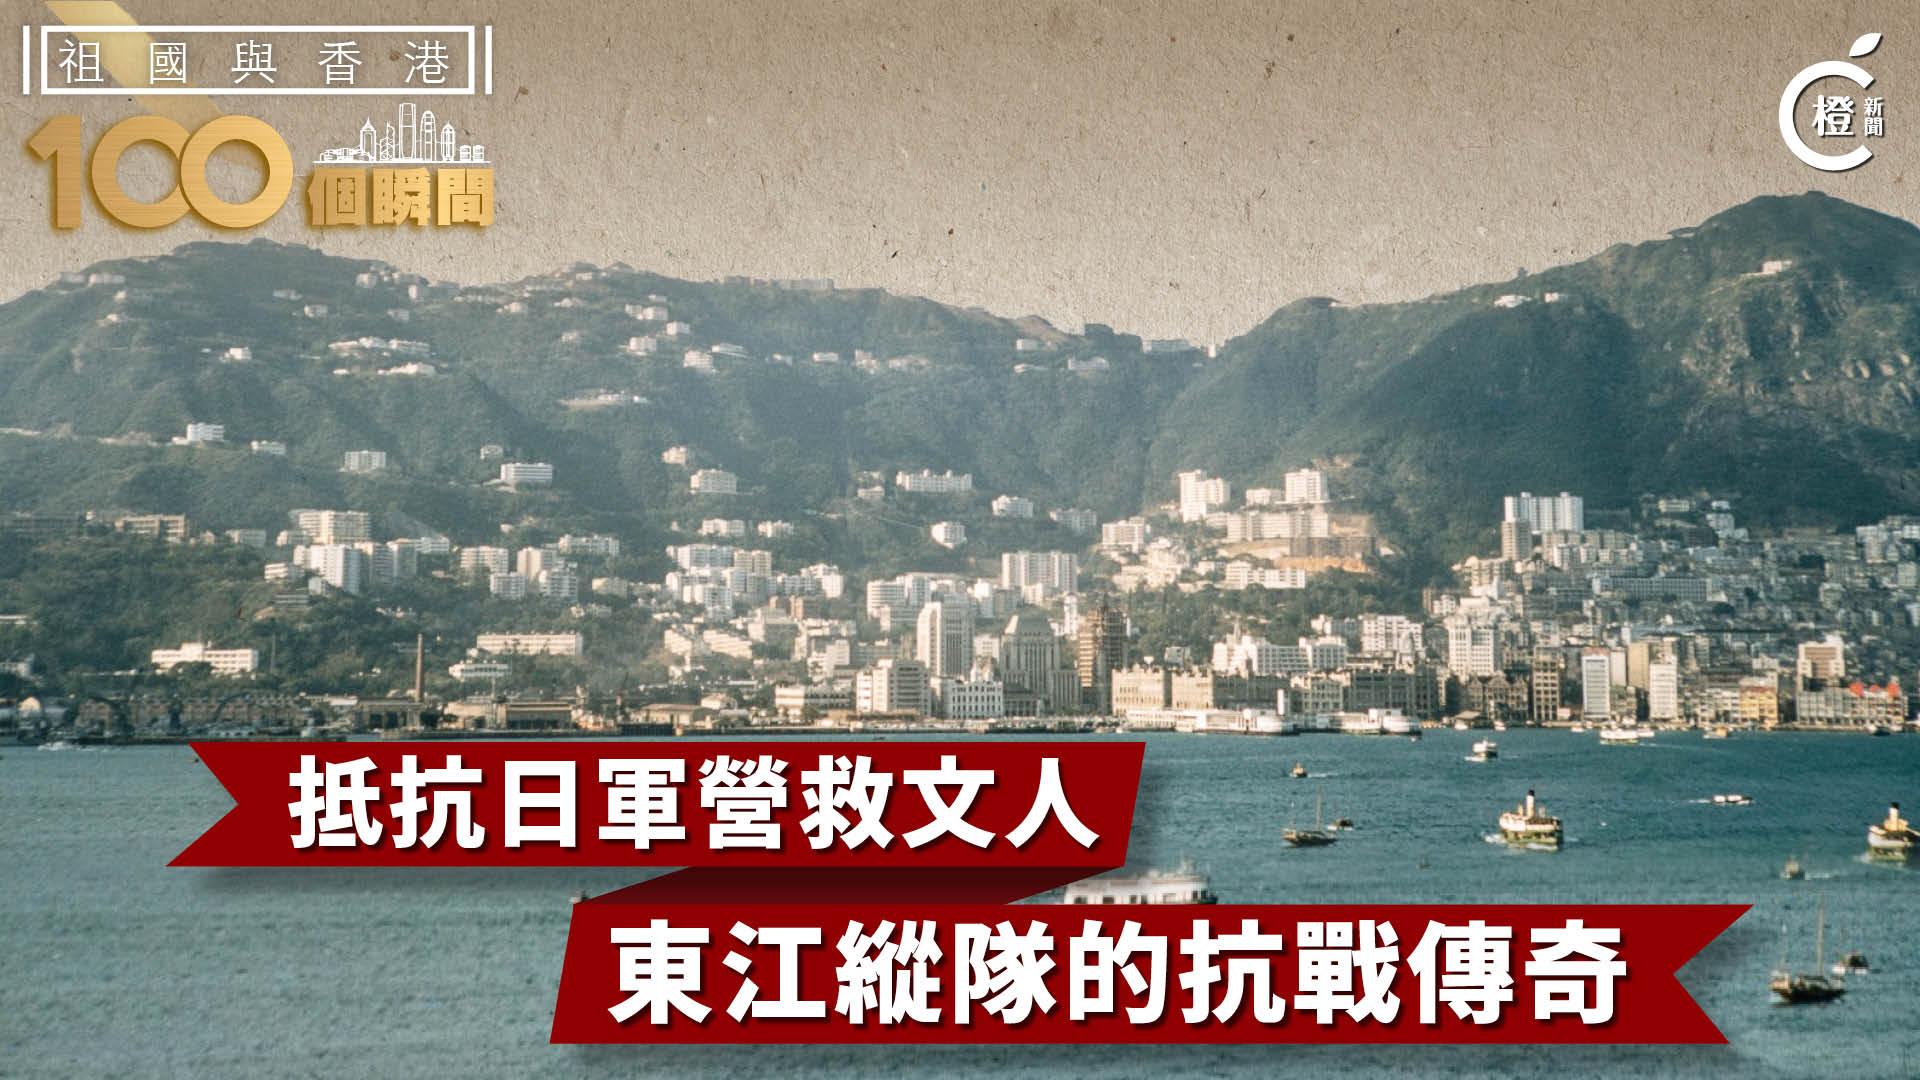 【祖國與香港100個瞬間】港九大隊成立 抵抗日軍立赫赫戰功